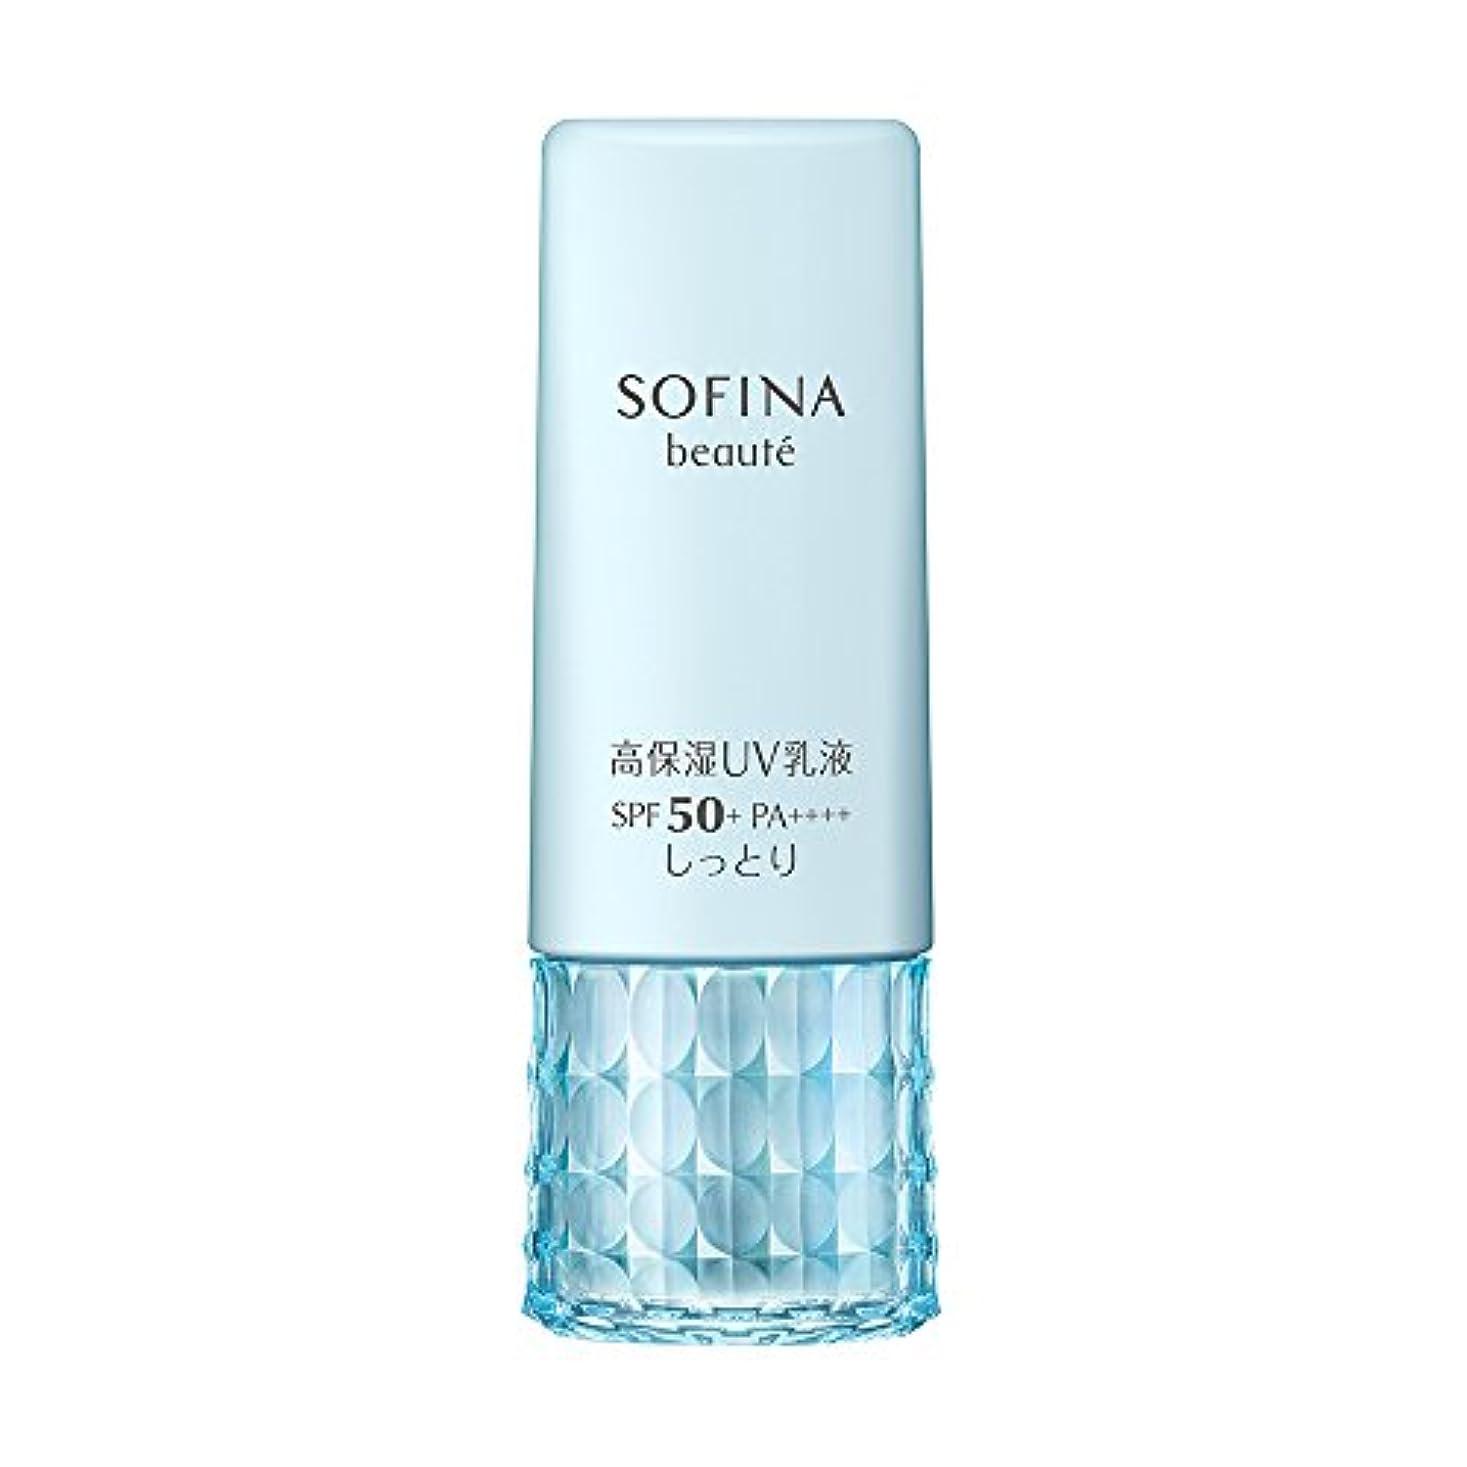 ソフィーナボーテ 高保湿UV乳液 SPF50+ PA++++ しっとり 30g [並行輸入品]